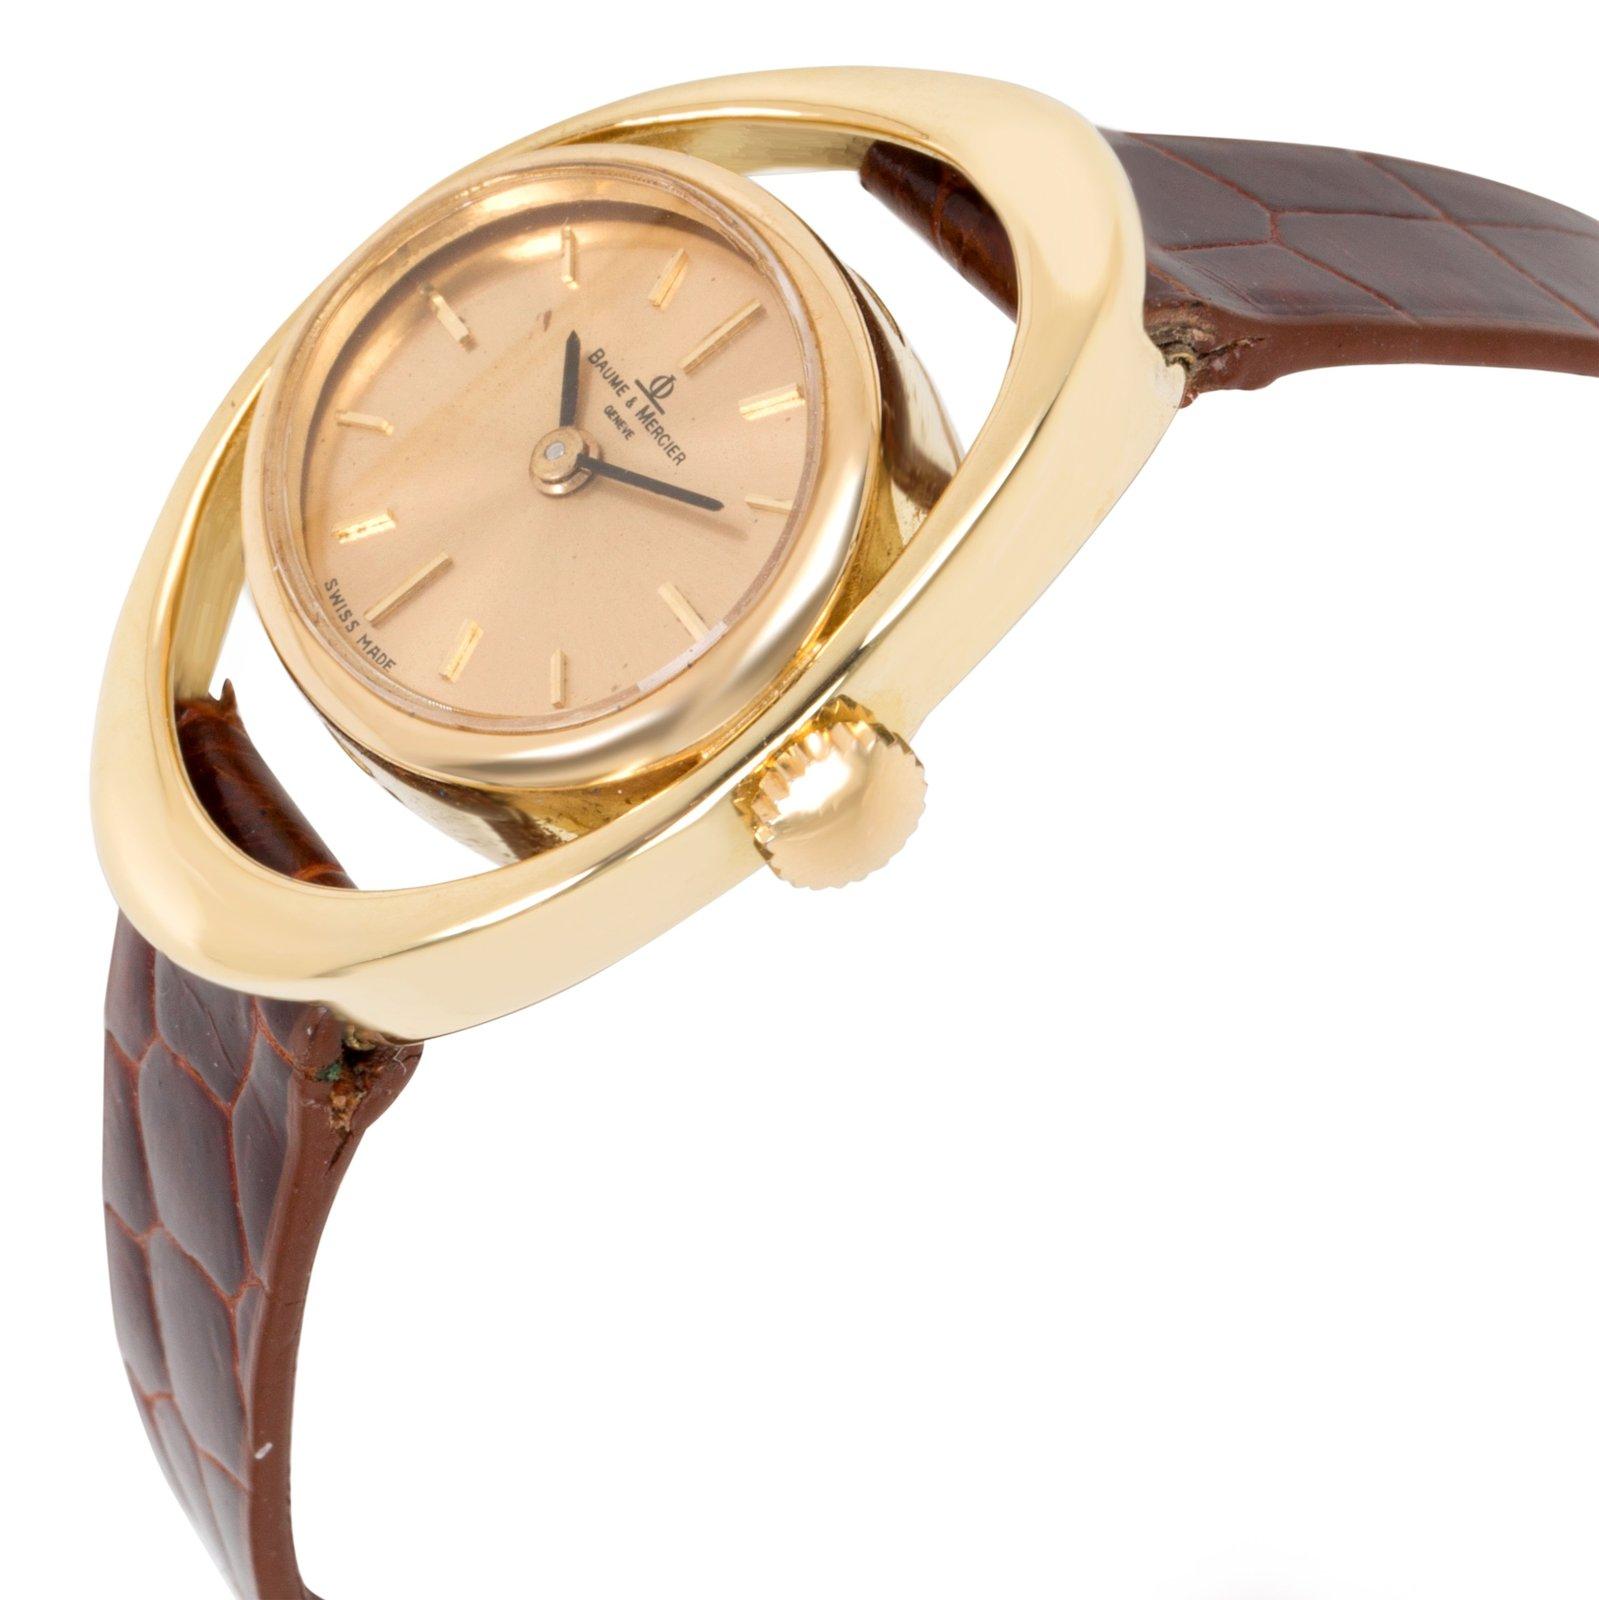 Baume & Mercier Vintage 36642.9 Ladies Watch in 18K Yellow Gold image 3